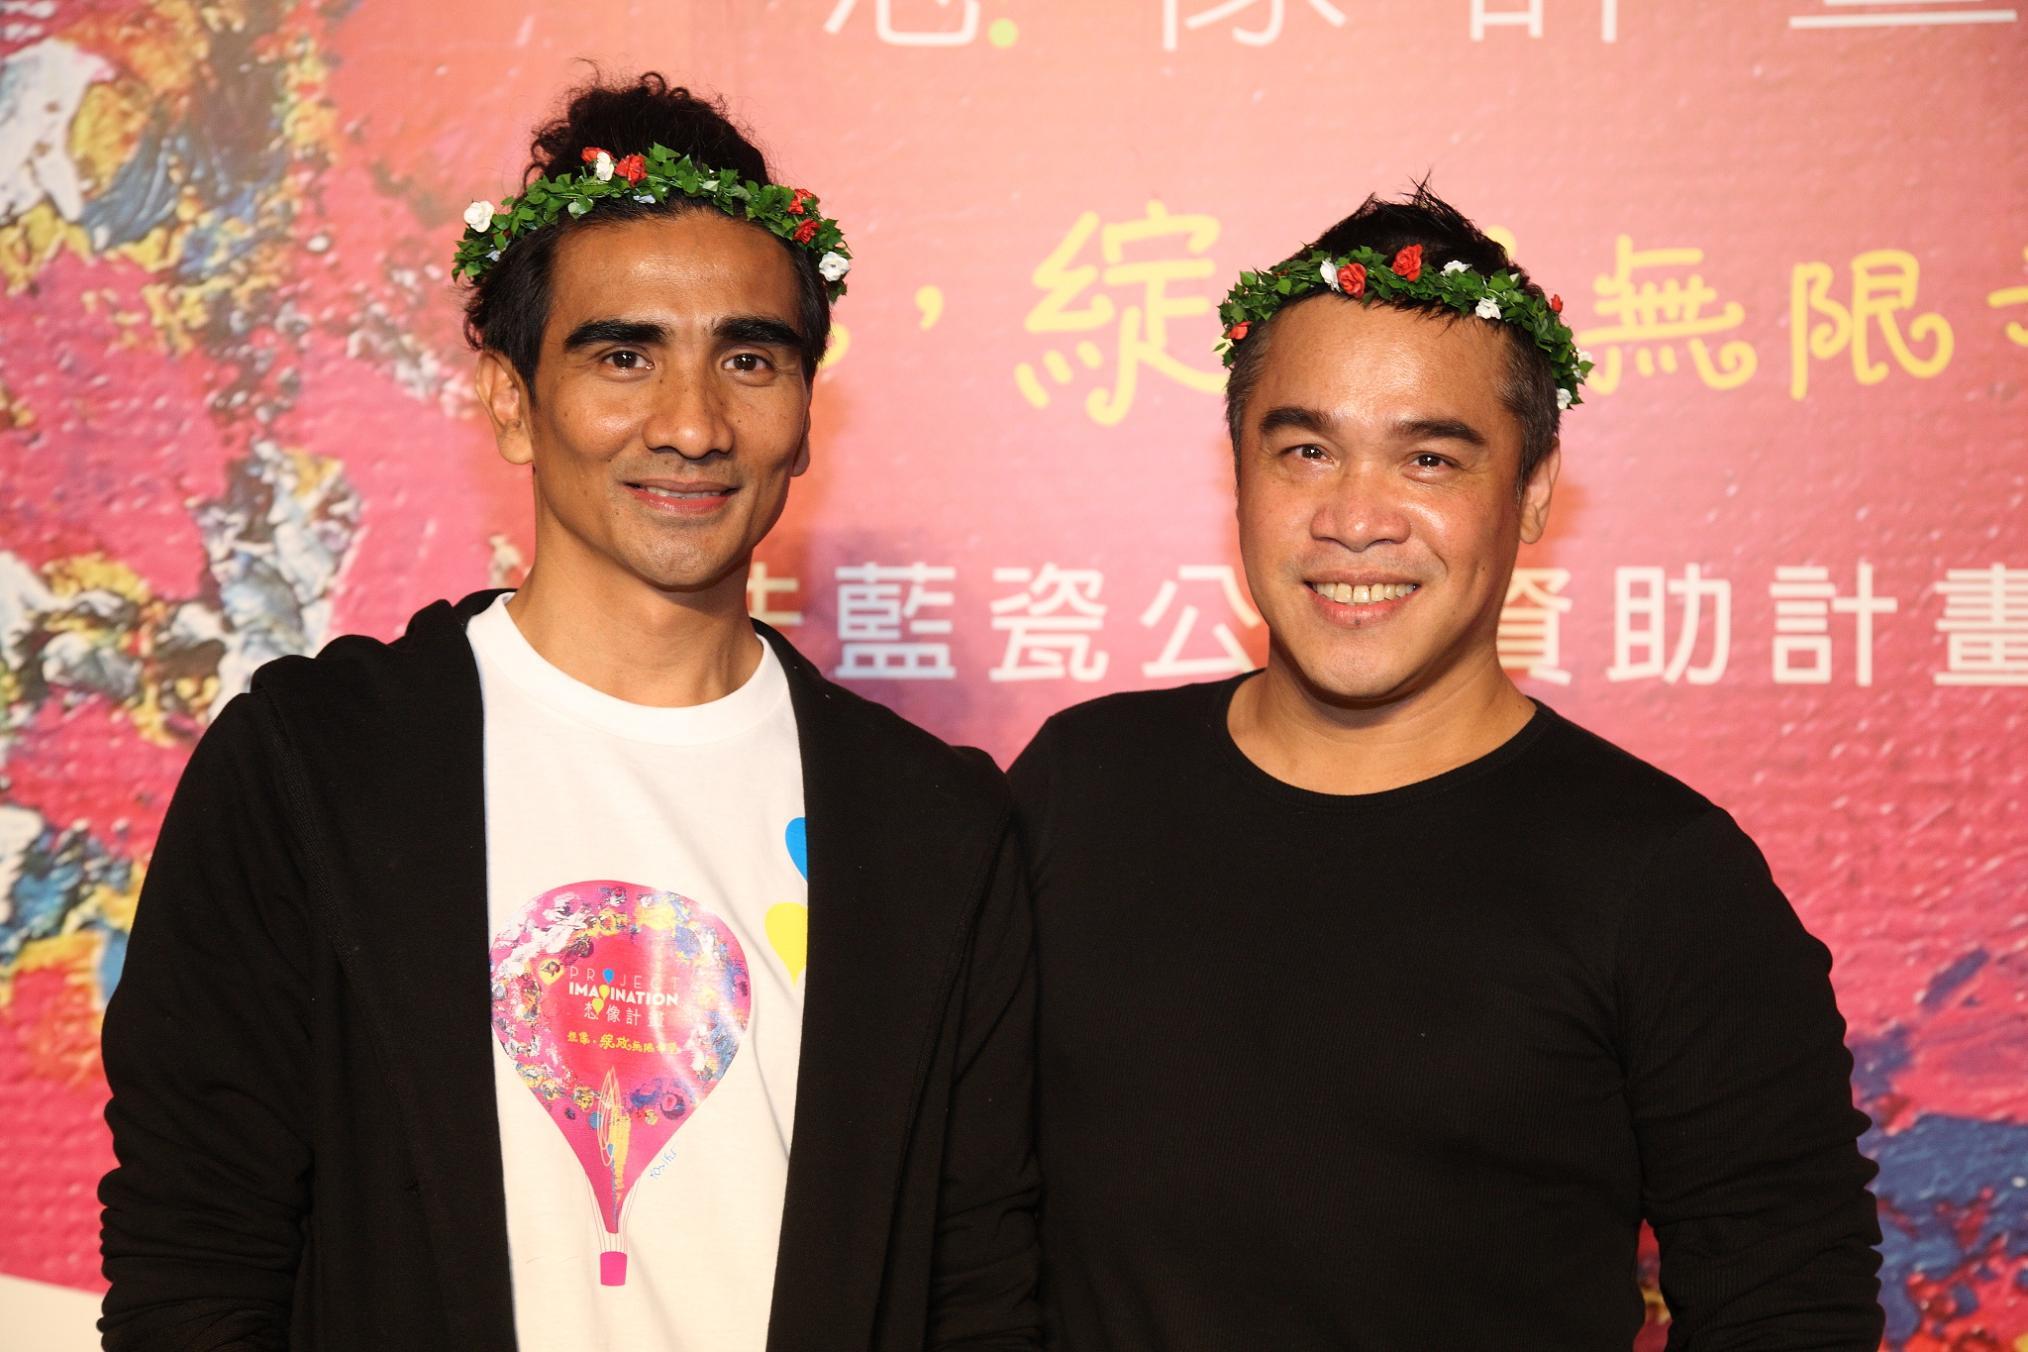 第四屆想像計畫大使-布拉瑞揚(圖左)與優席夫(圖右)合影